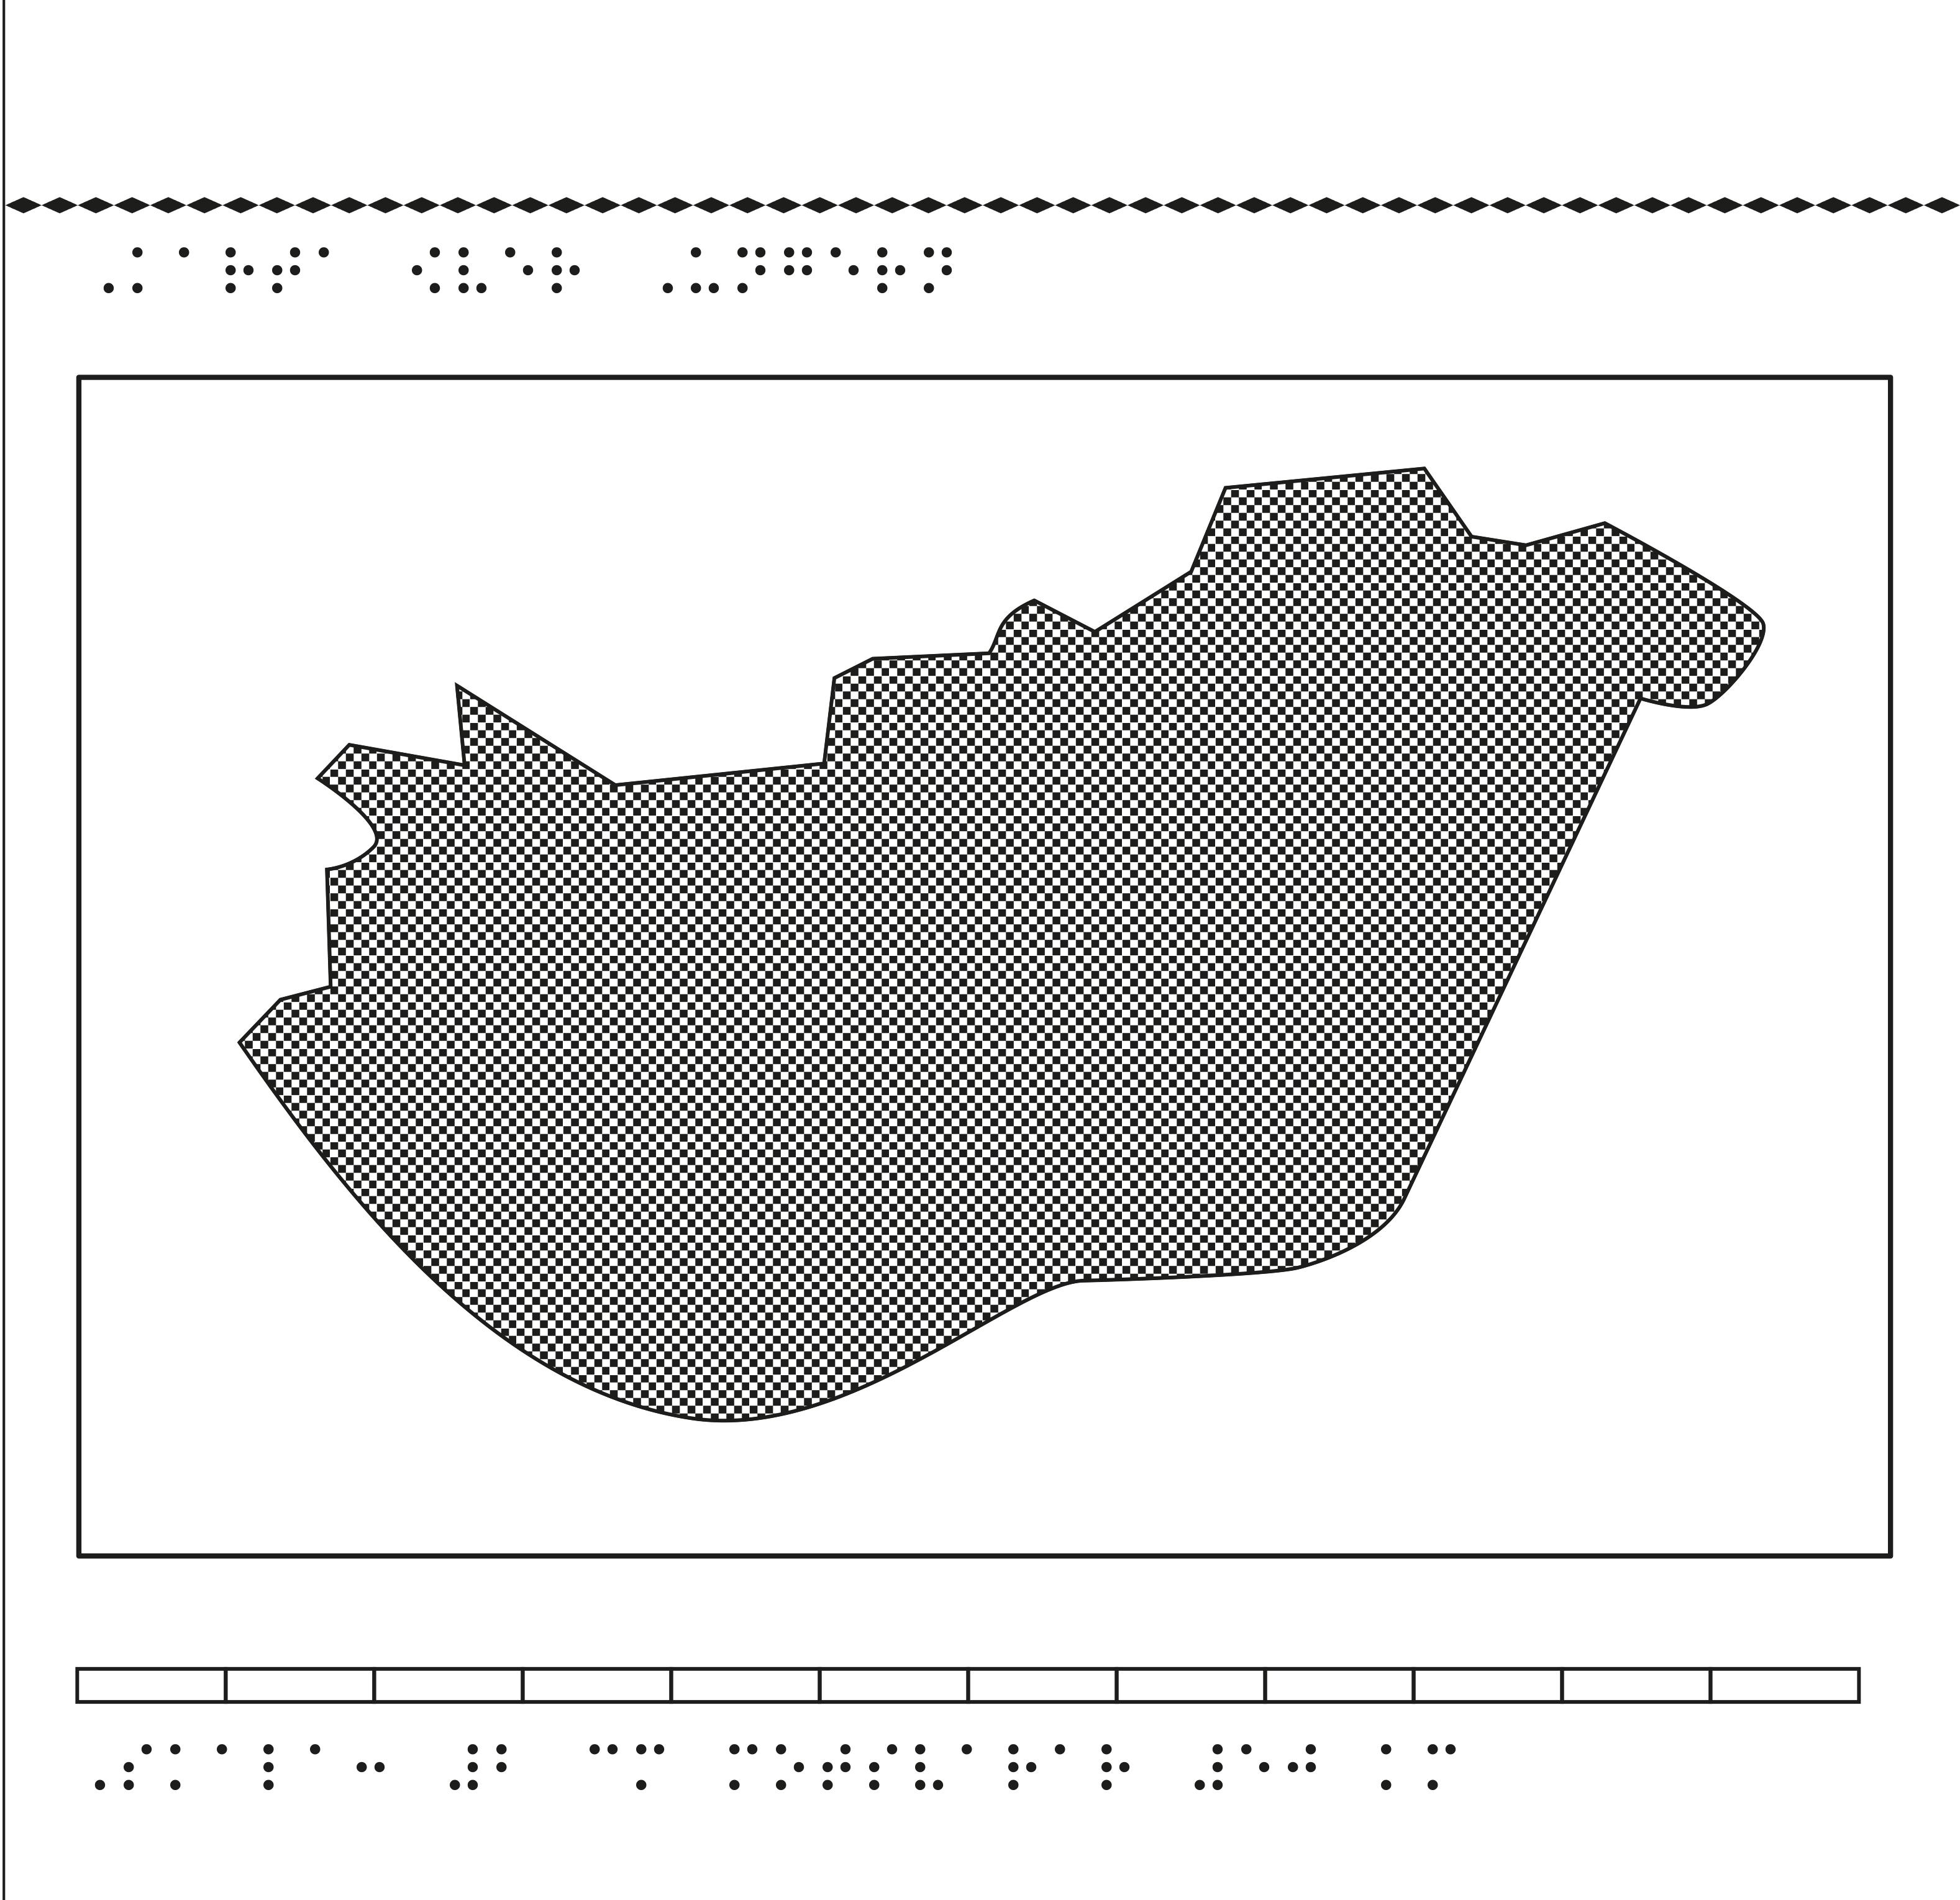 Karta av Ungern i relief med tillhörande punktskrift.